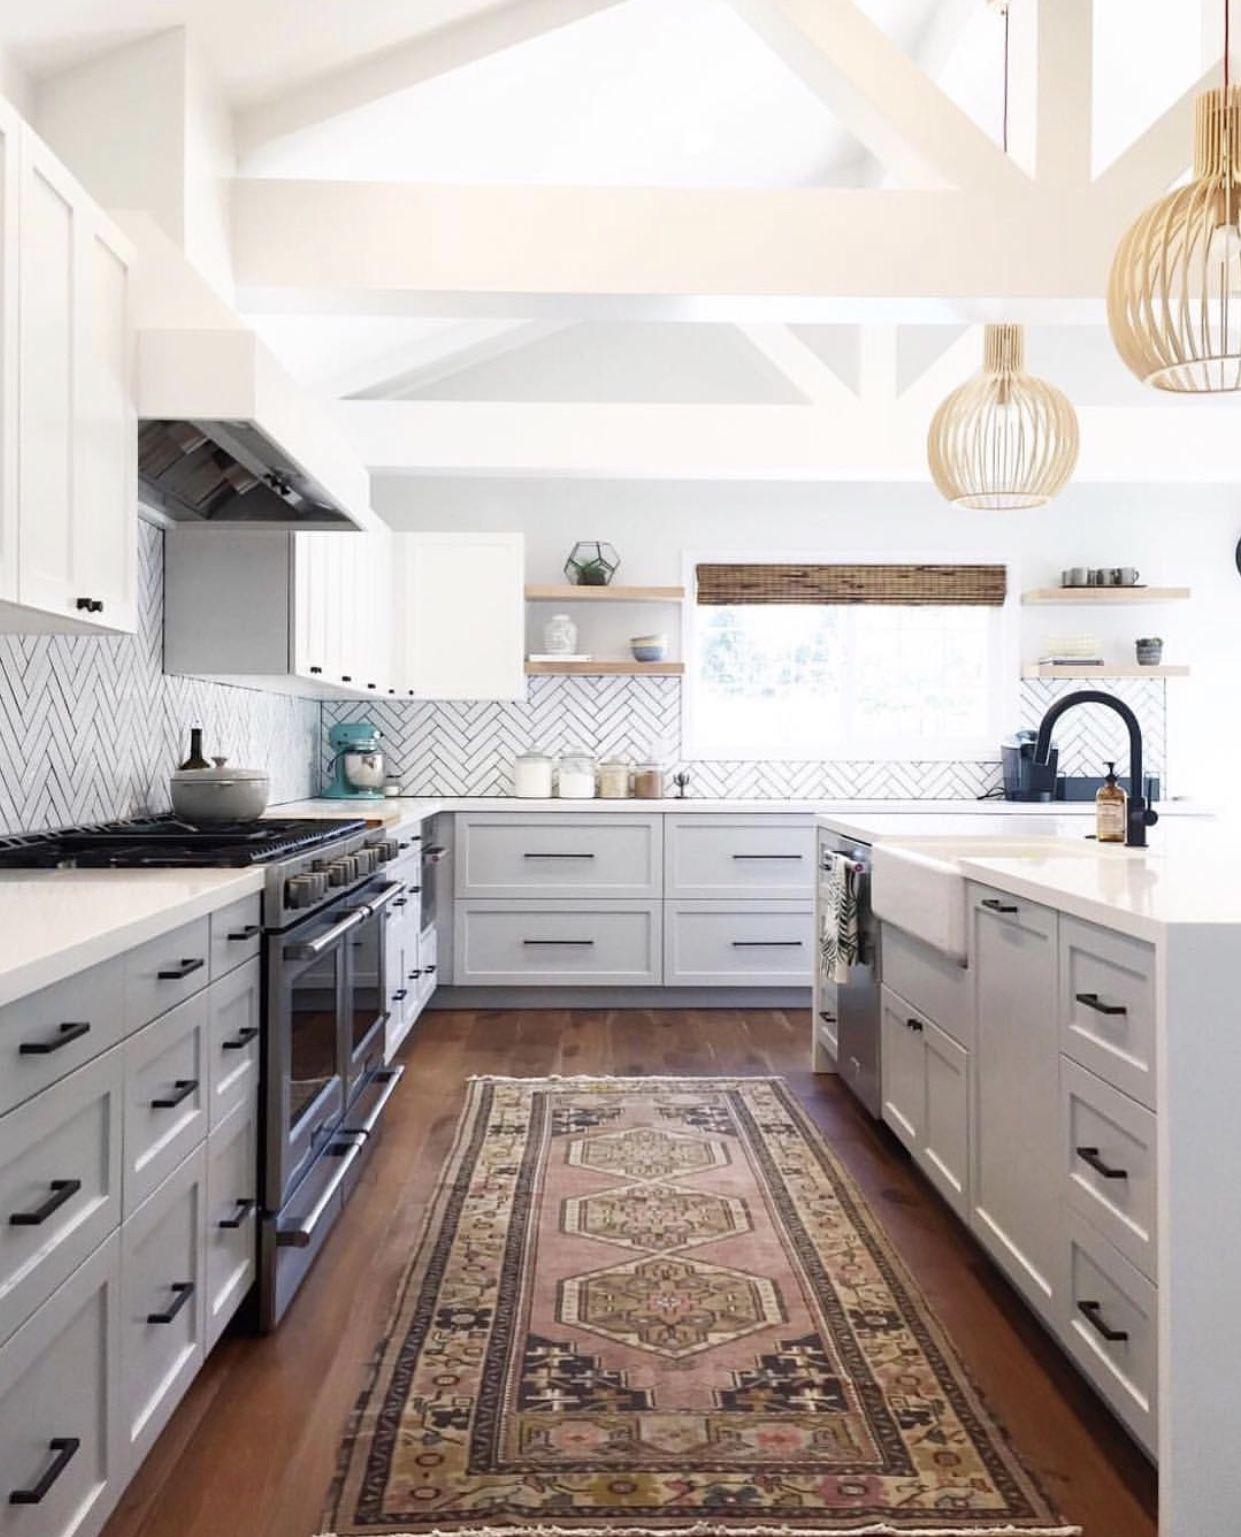 Kitchen | Home life | Pinterest | Kitchens, Hacienda kitchen and ...